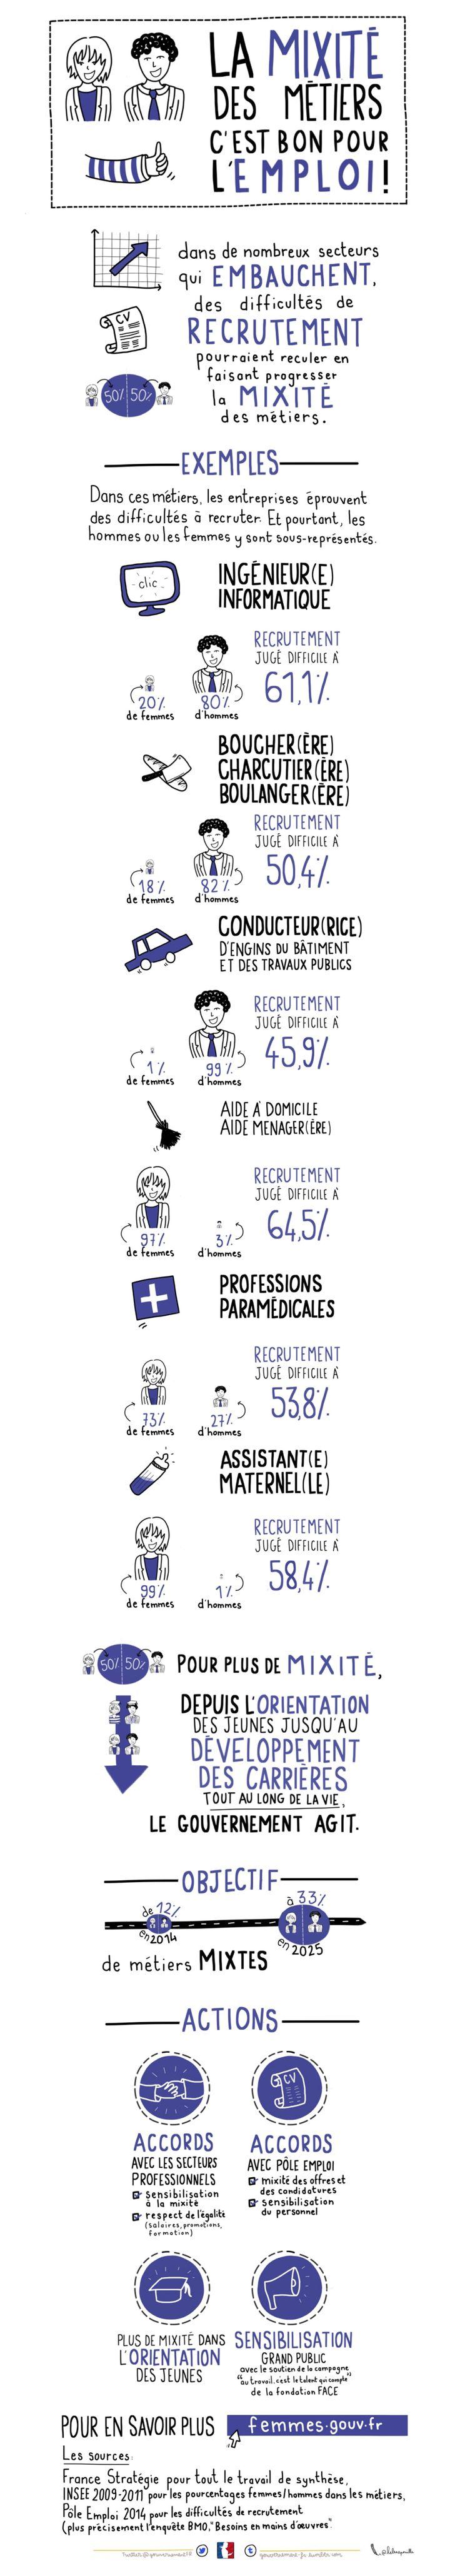 La mixité des métiers Service d'Information du Gouvernement (SIG) - Gouvernement.fr